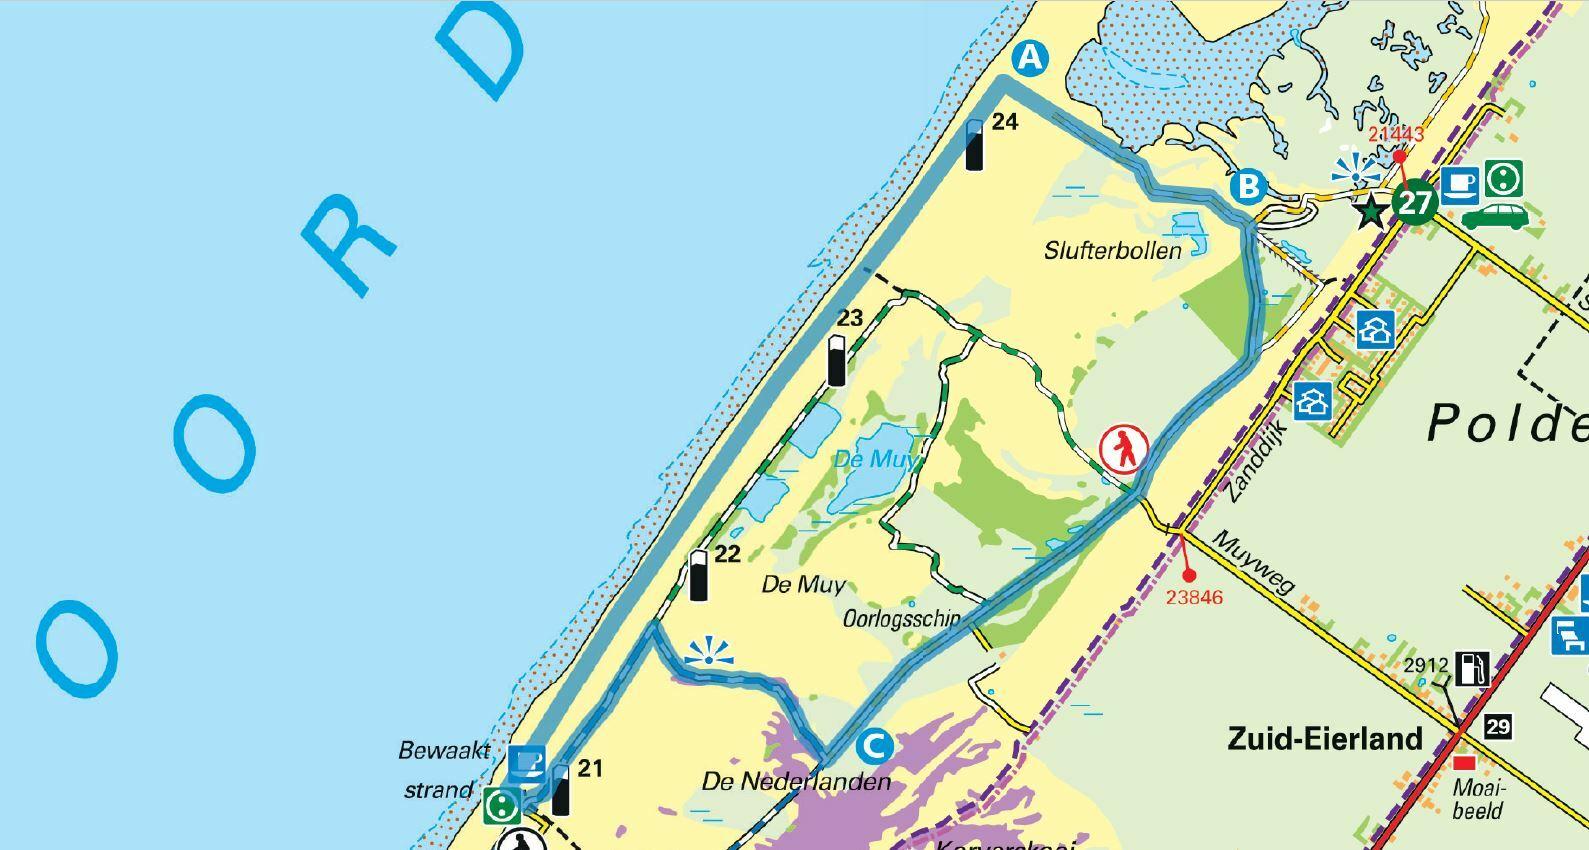 Wandelroute door de Muy en De Slufter VVV Texel